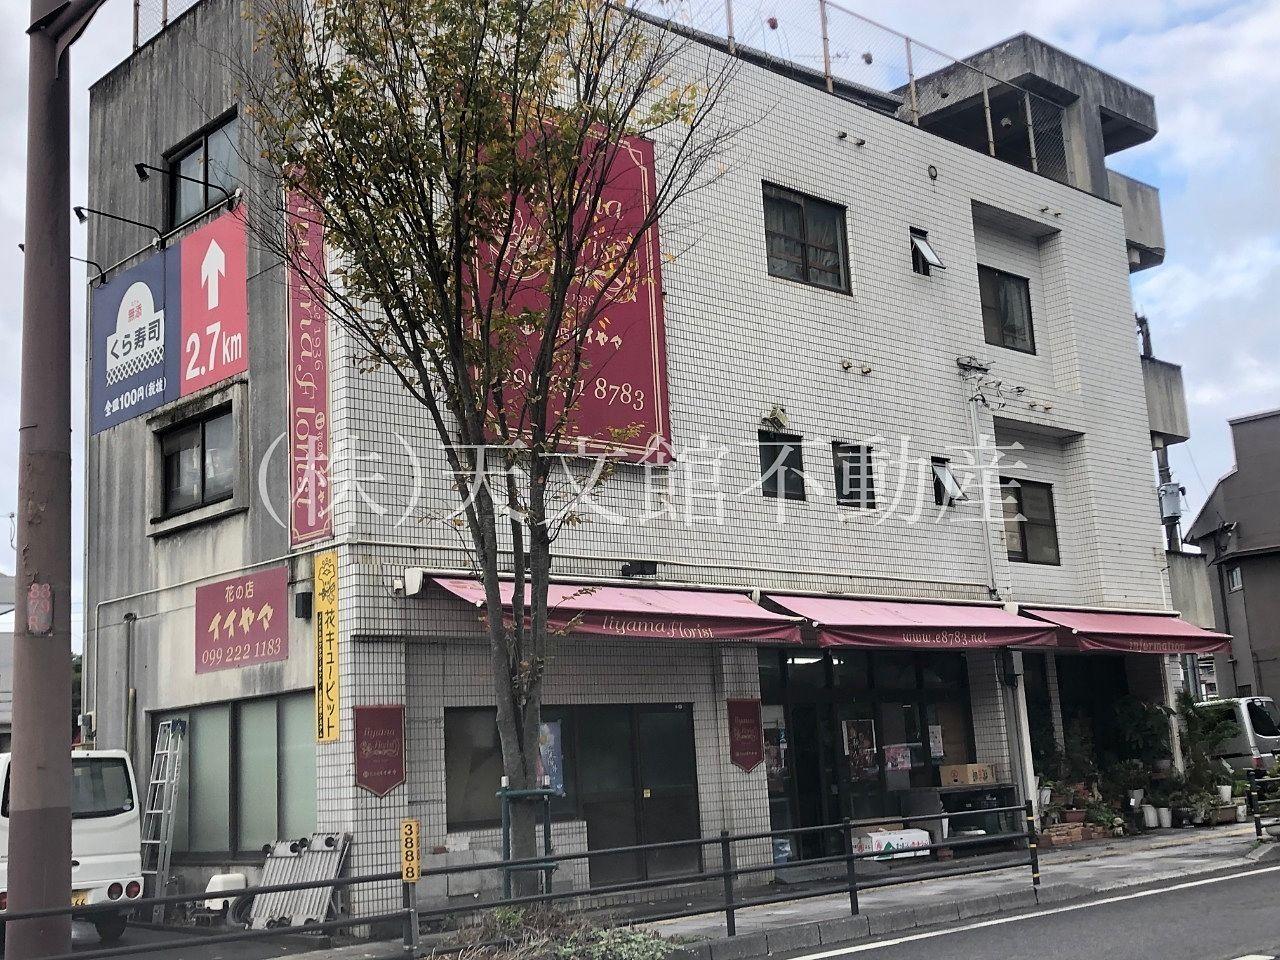 鹿児島市新照院町 花のイイヤマ 昔からある老舗店です。